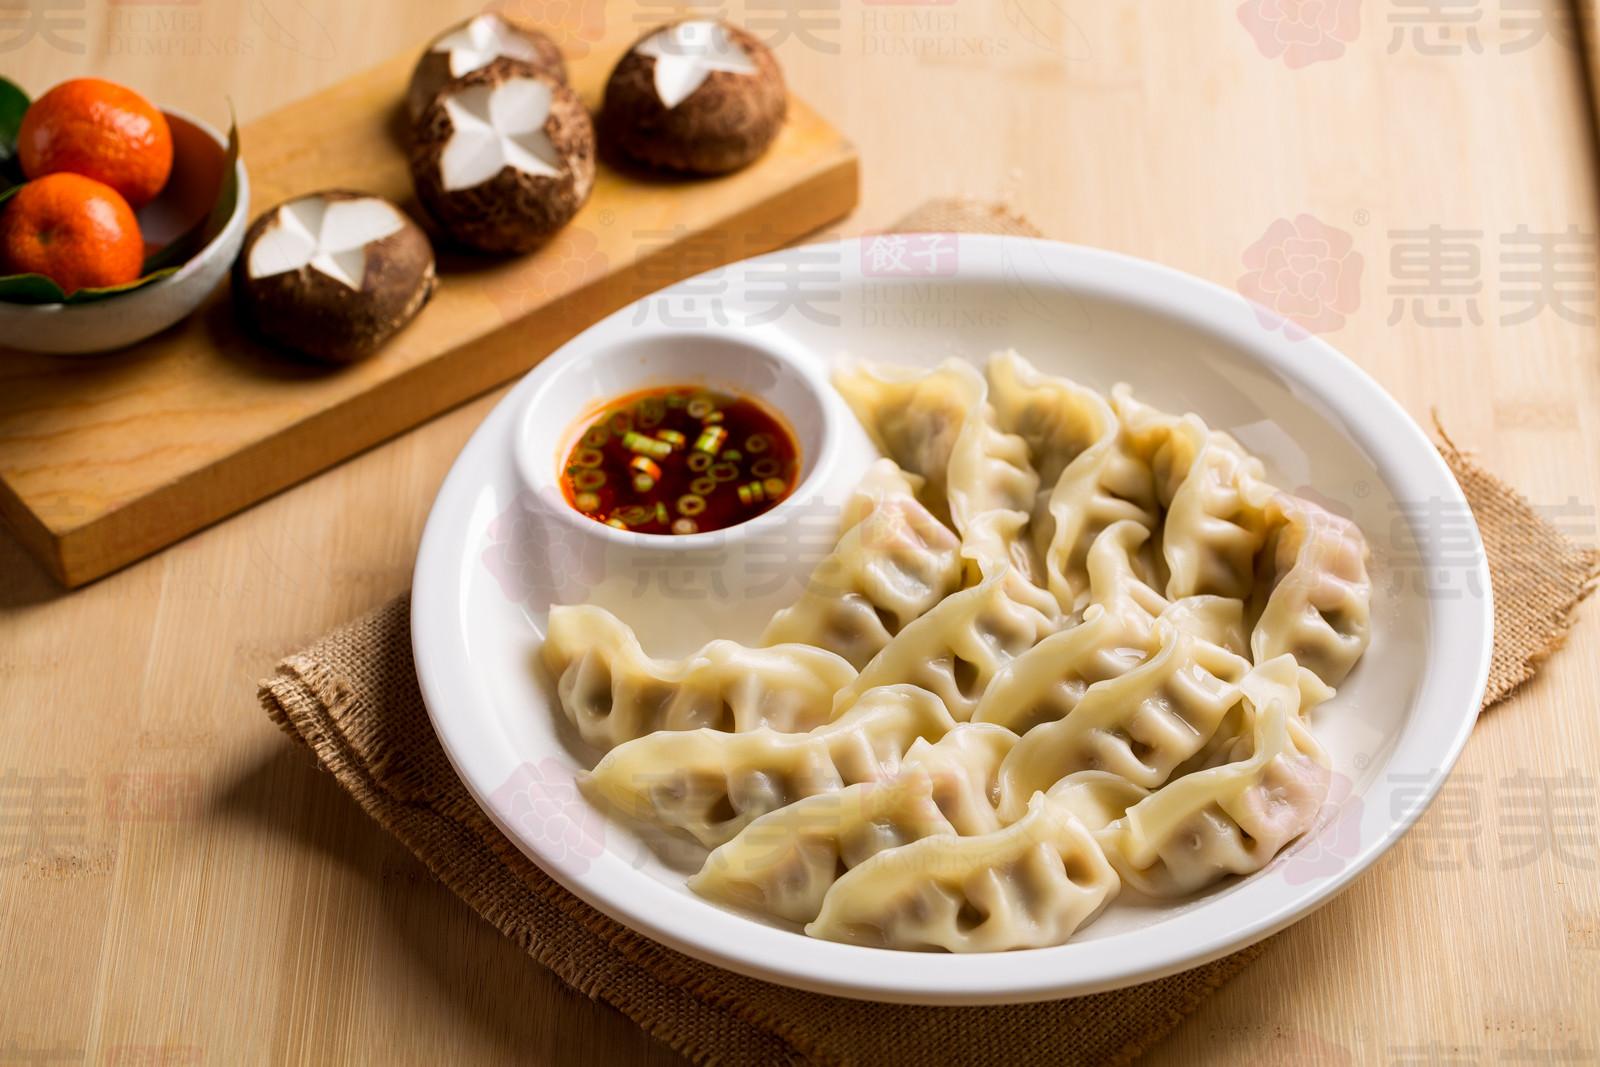 惠美饺子特色美食-香菇猪肉水饺